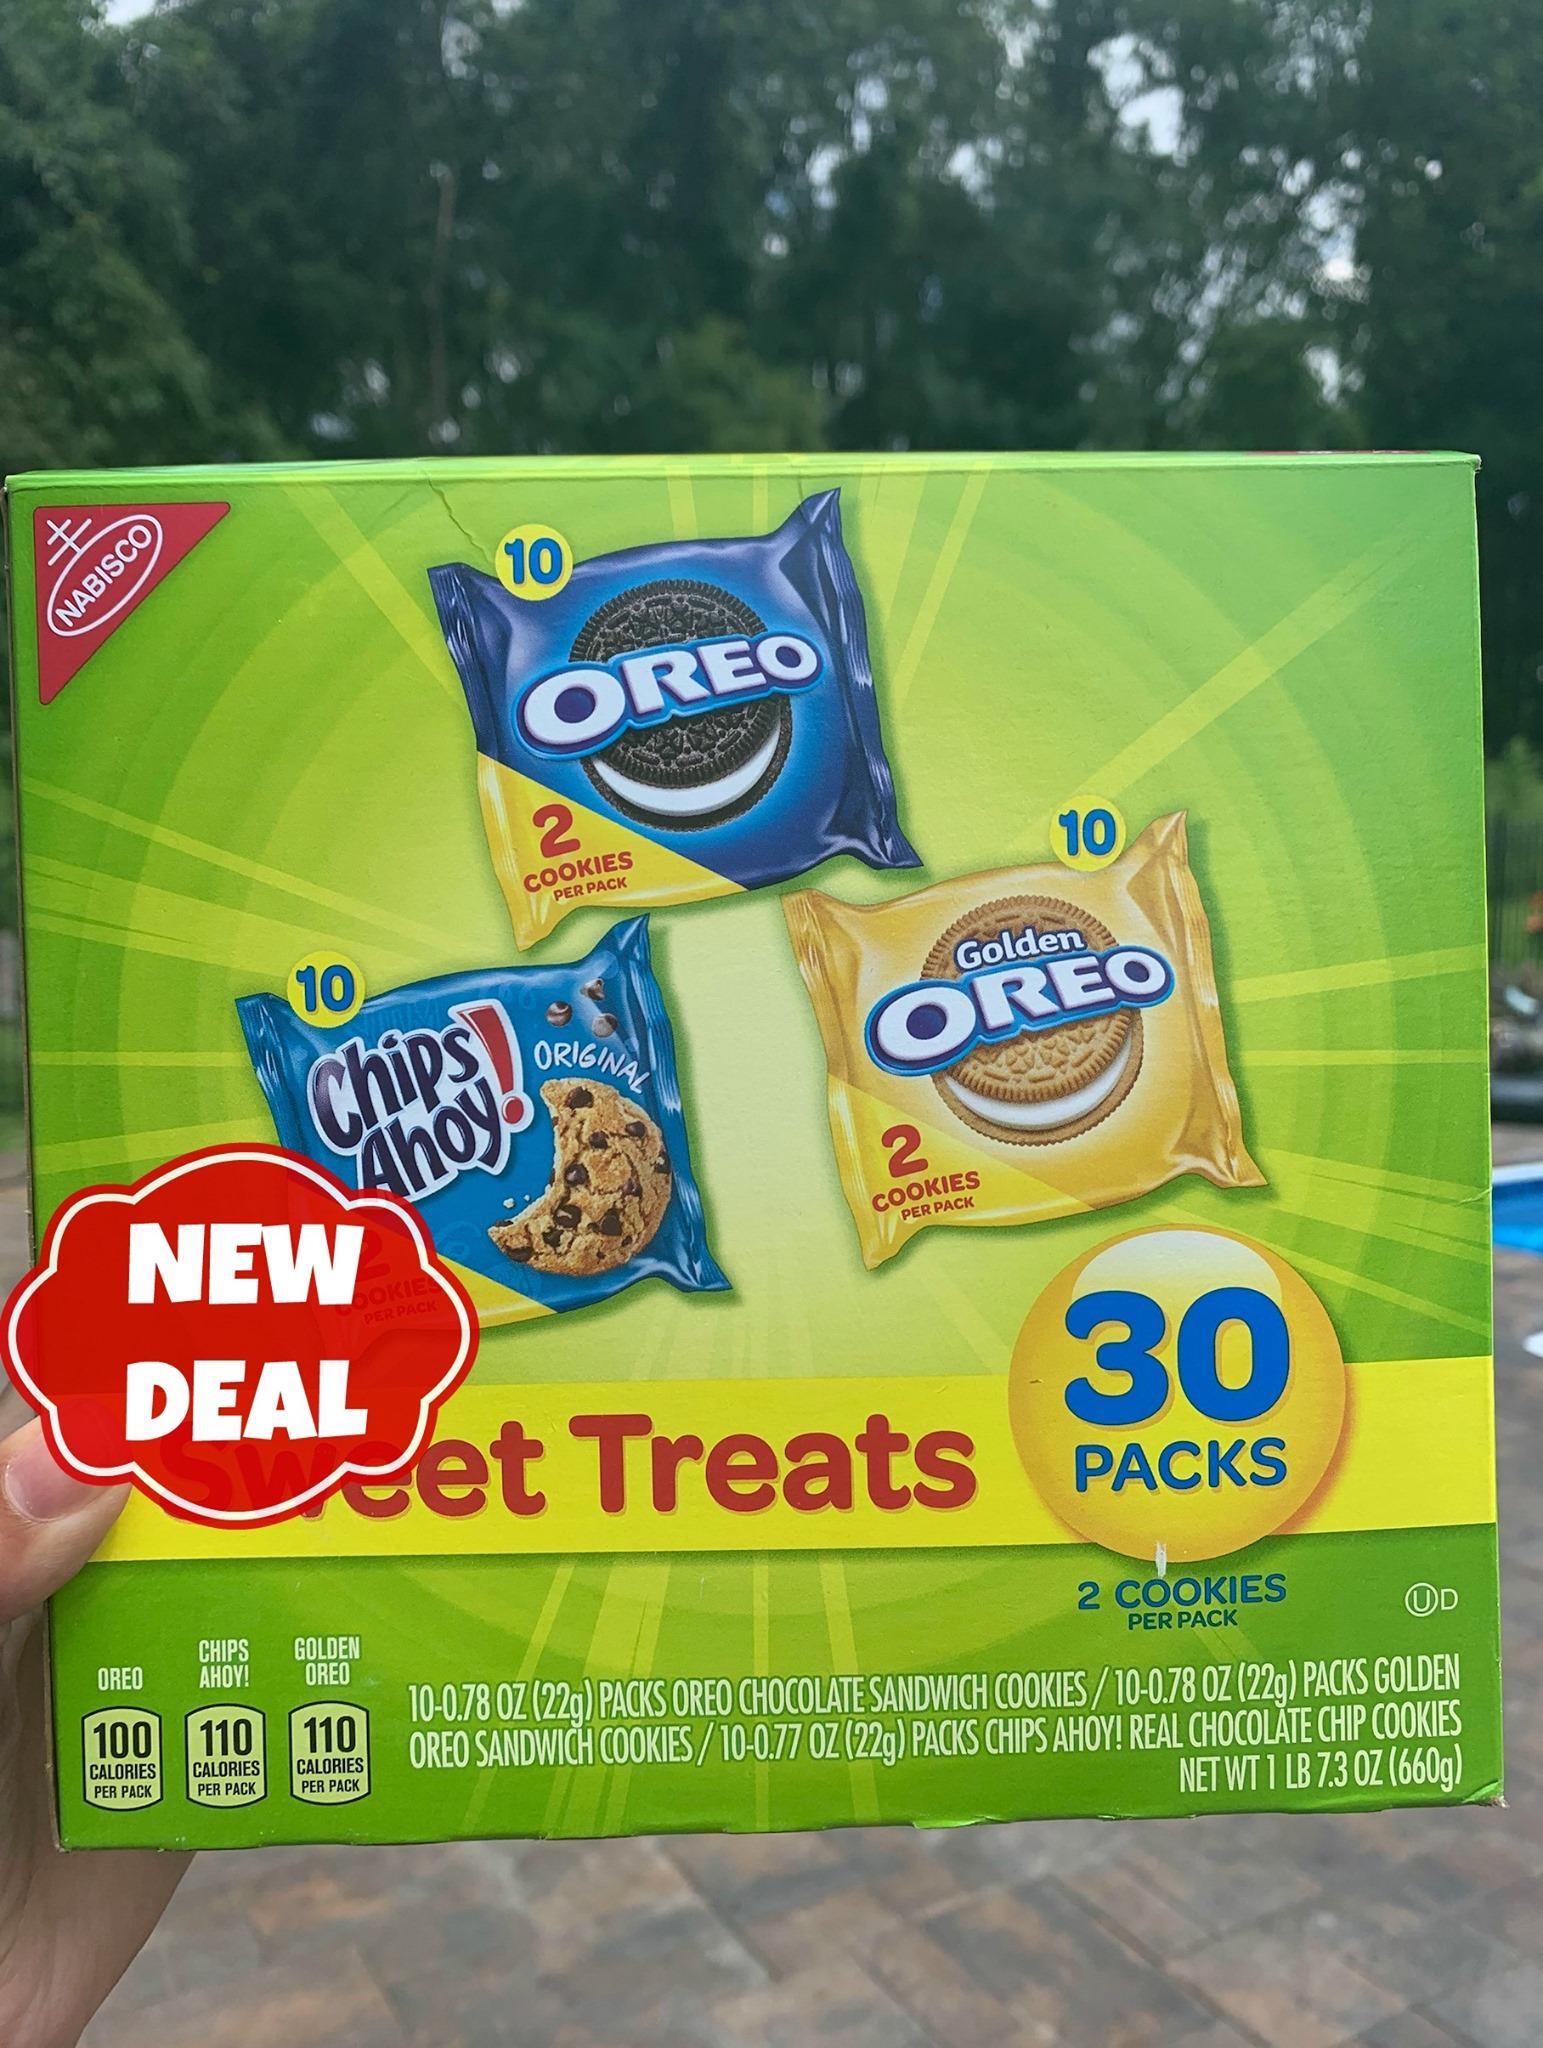 nabisco oreo and chips ahoy treats deal